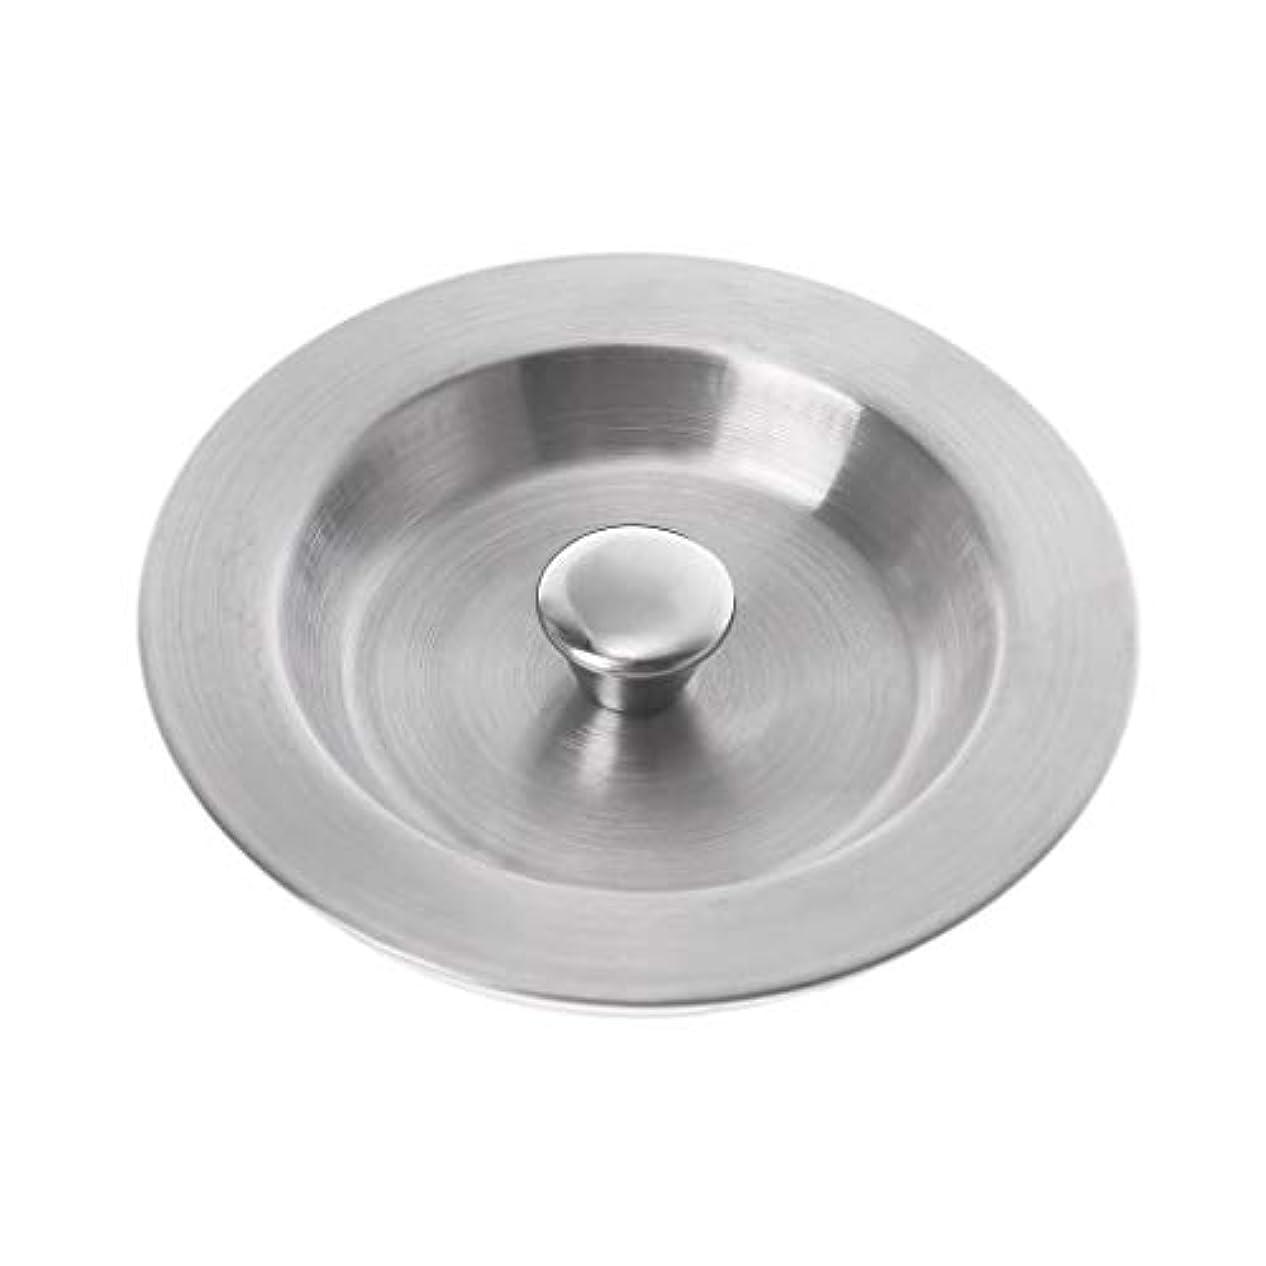 献身慎重に味Lamdooキッチンステンレス鋼浴槽フィルターシンクフロアプラグランドリーバスルームウォーターストッパーキャップツール